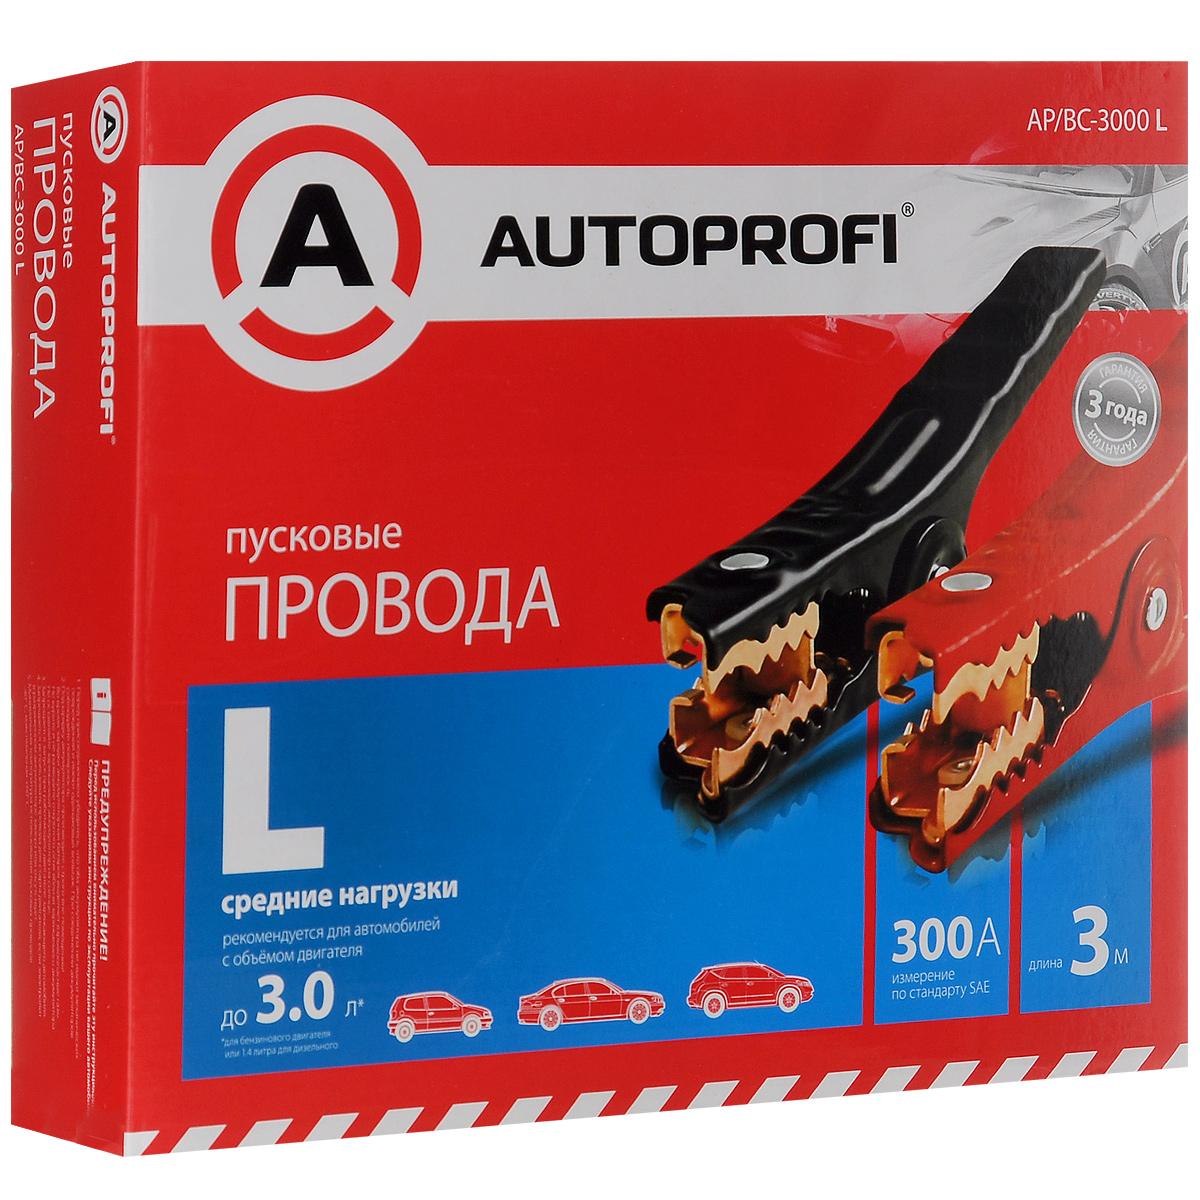 Провода пусковые Autoprofi L, средние нагрузки, 13,3 мм2, 300 A, 3 м а м б у газ 66 дизельным двигателем